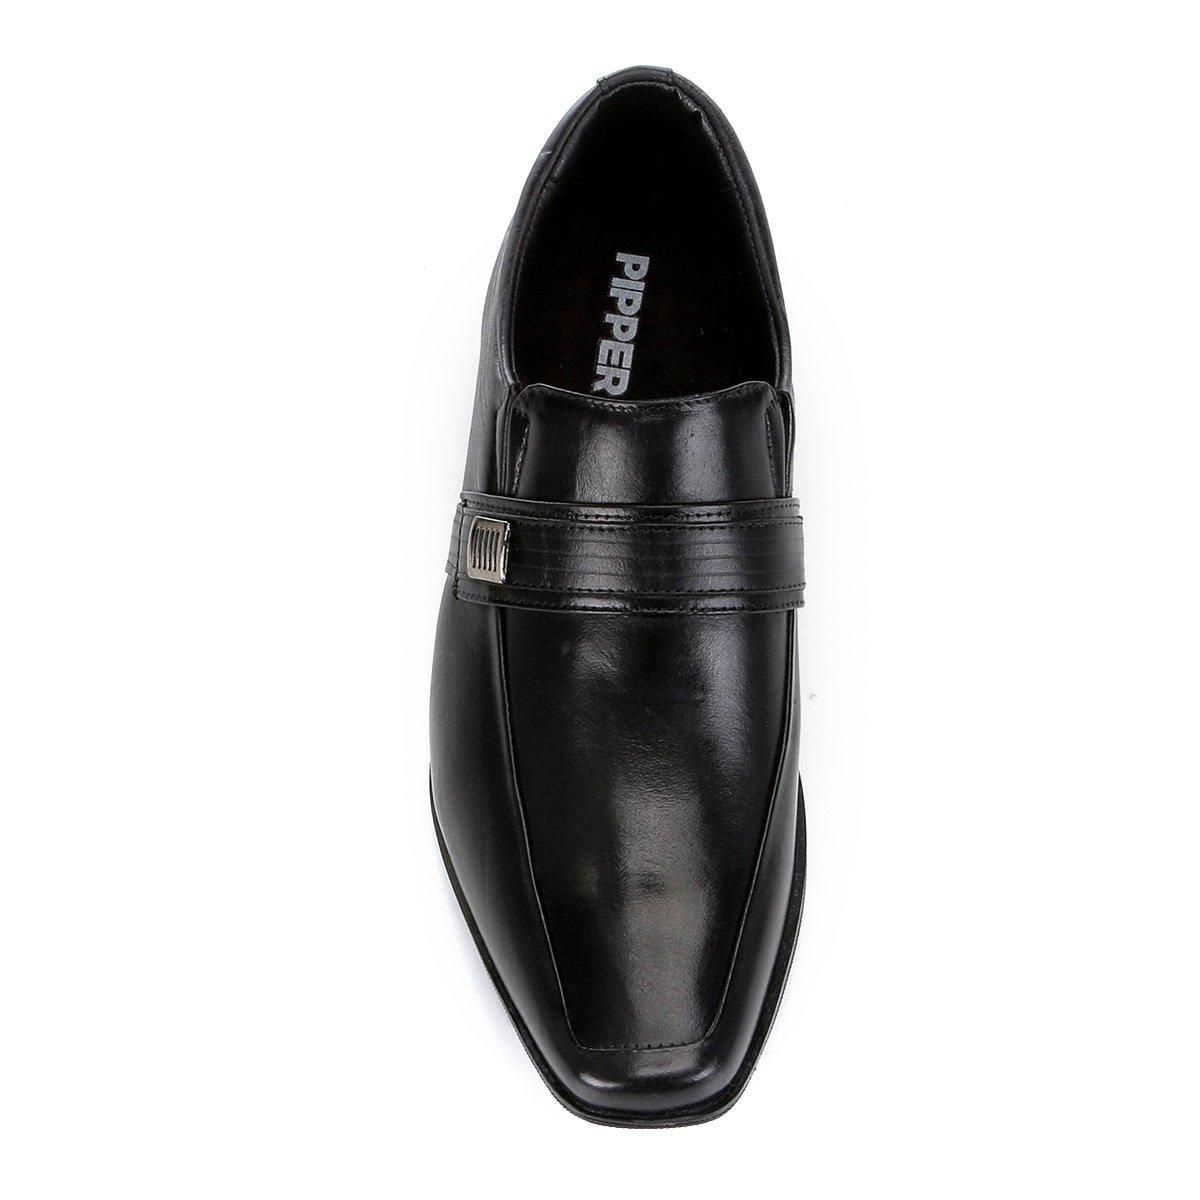 Couro Duke Preto Social Sapato Masculino Sapato Duke Masculino Sapato Couro Pipper Preto Social Pipper 6Xr6zqw